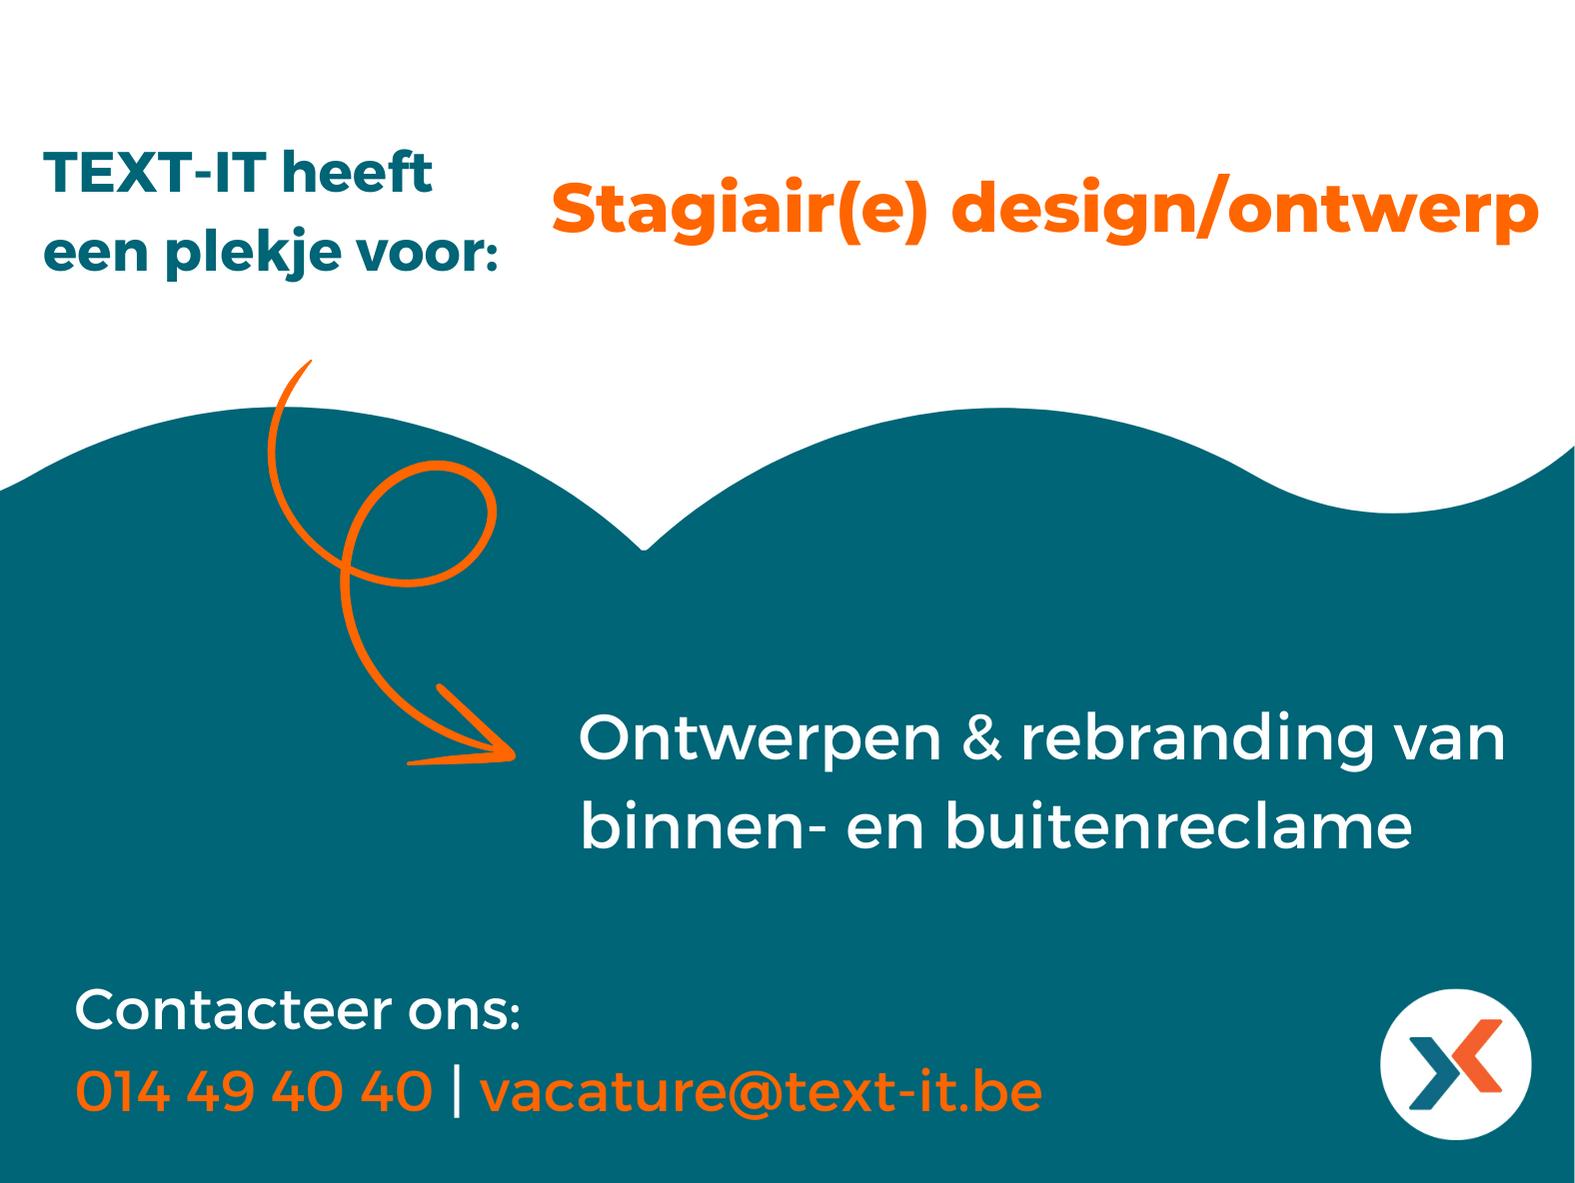 Stagiair(e) design ontwerp 2